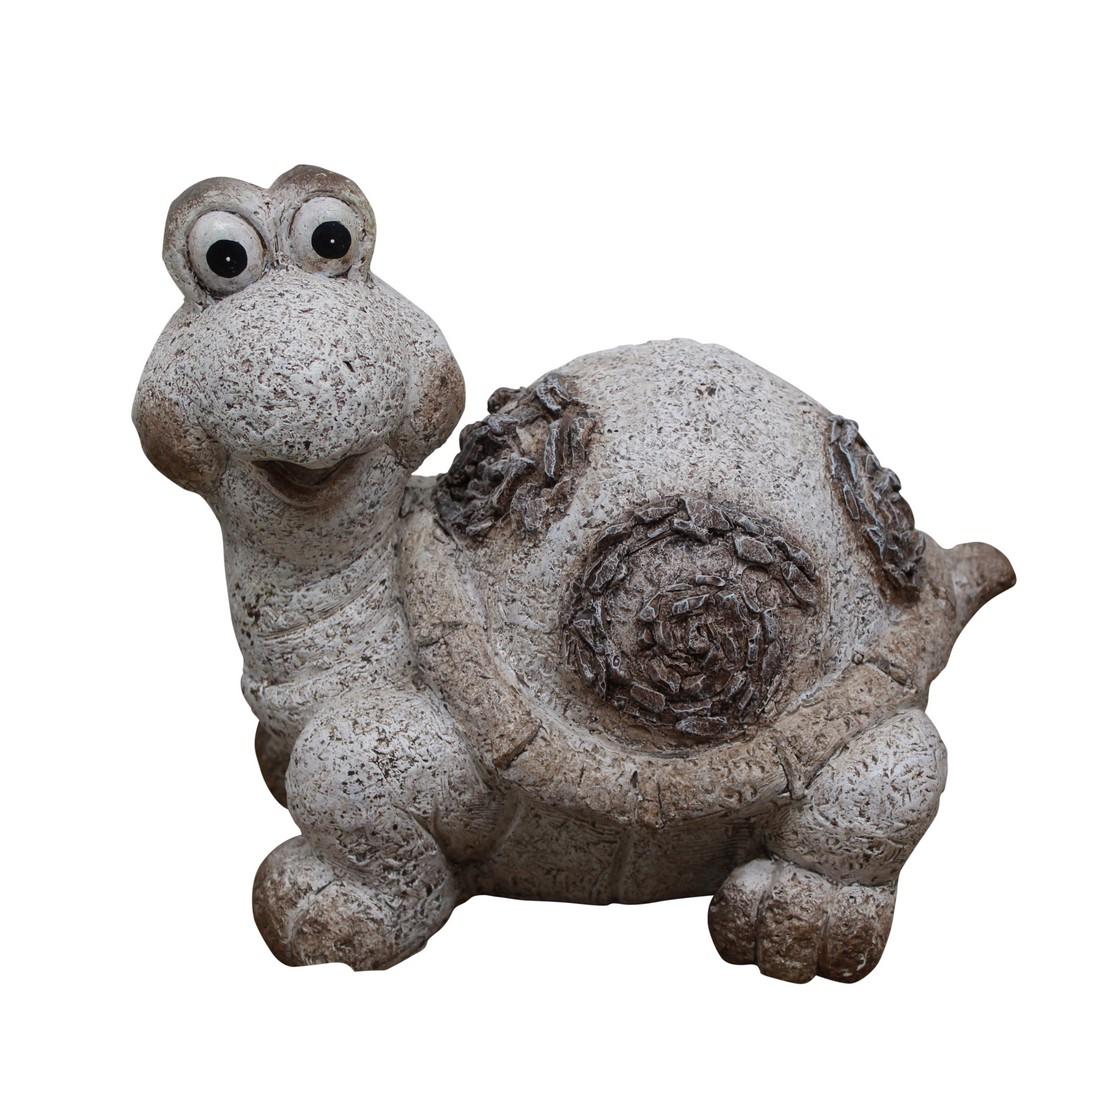 Gartenfigur Schildkröte – Classic – Braun, Helmes Home & Garden günstig kaufen